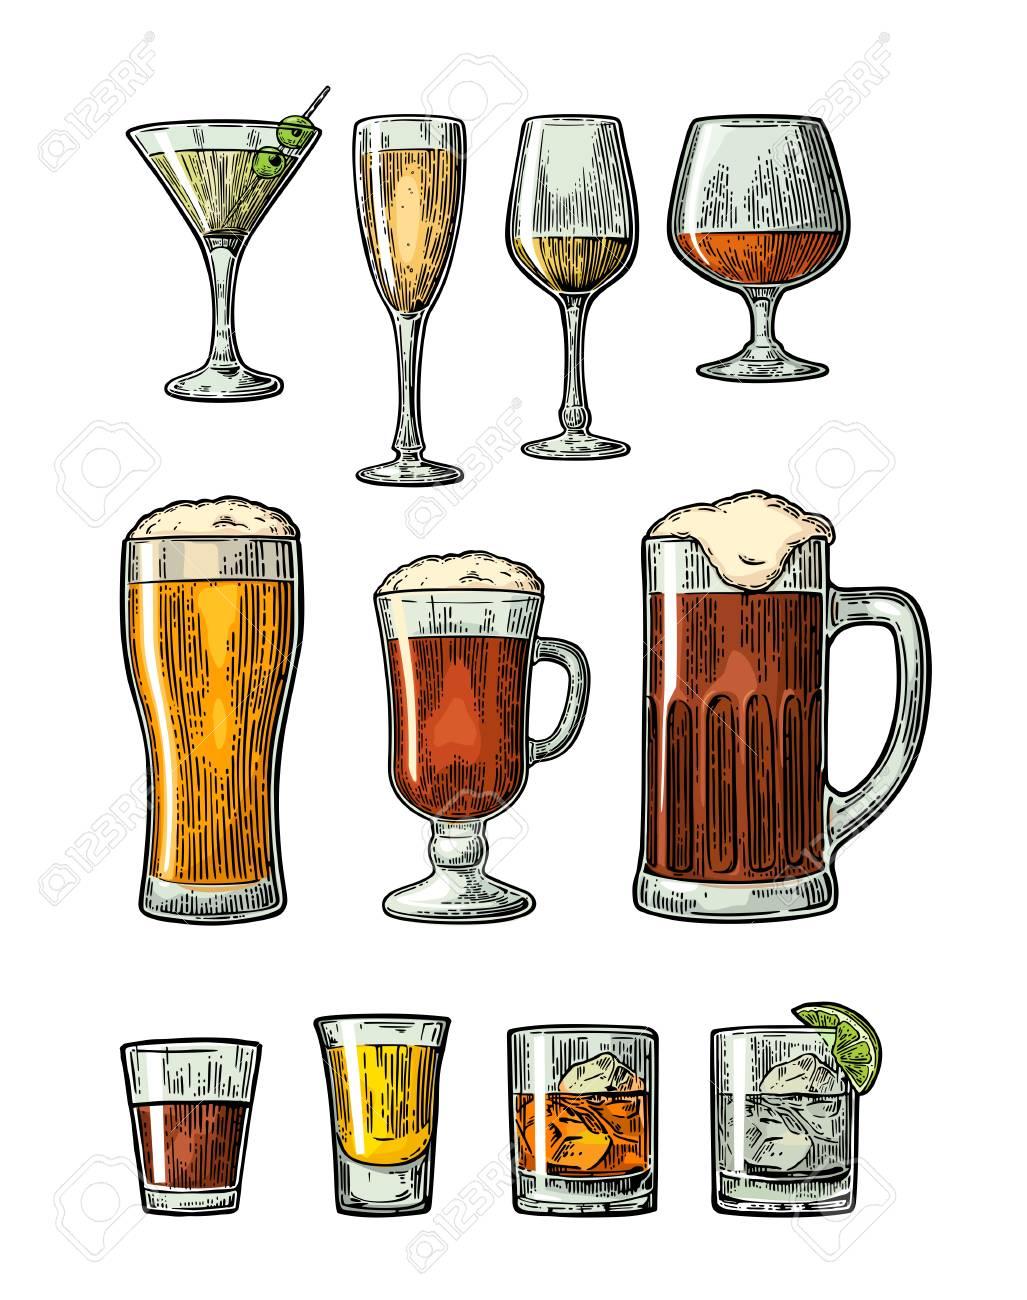 Joyeux anniversaire JLL35 86225004-set-verre-de-bi%C3%A8re-whisky-vin-gin-rhum-tequila-cognac-champagne-cocktail-illustration-vintage-de-coule